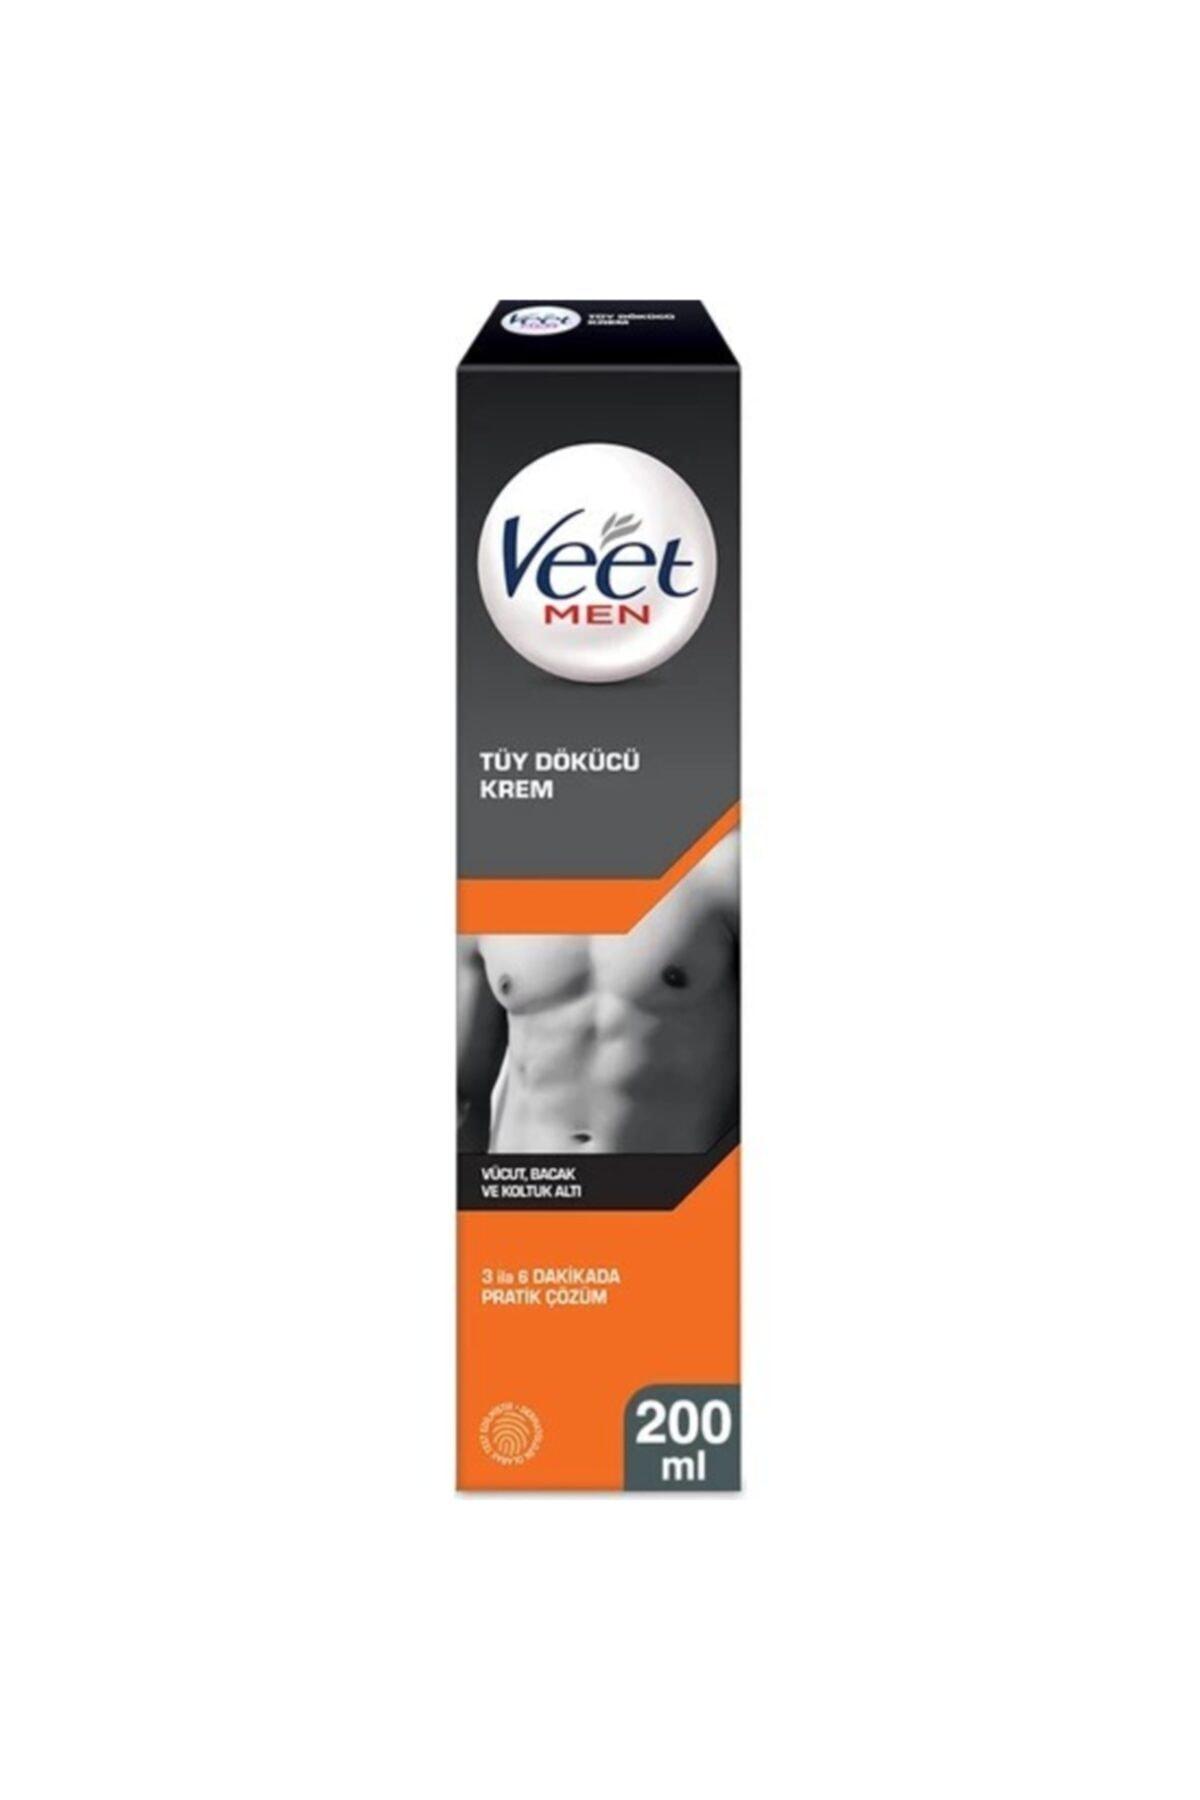 Veet Men Erkeklere Özel Tüy Dökücü Krem 200 ml 1